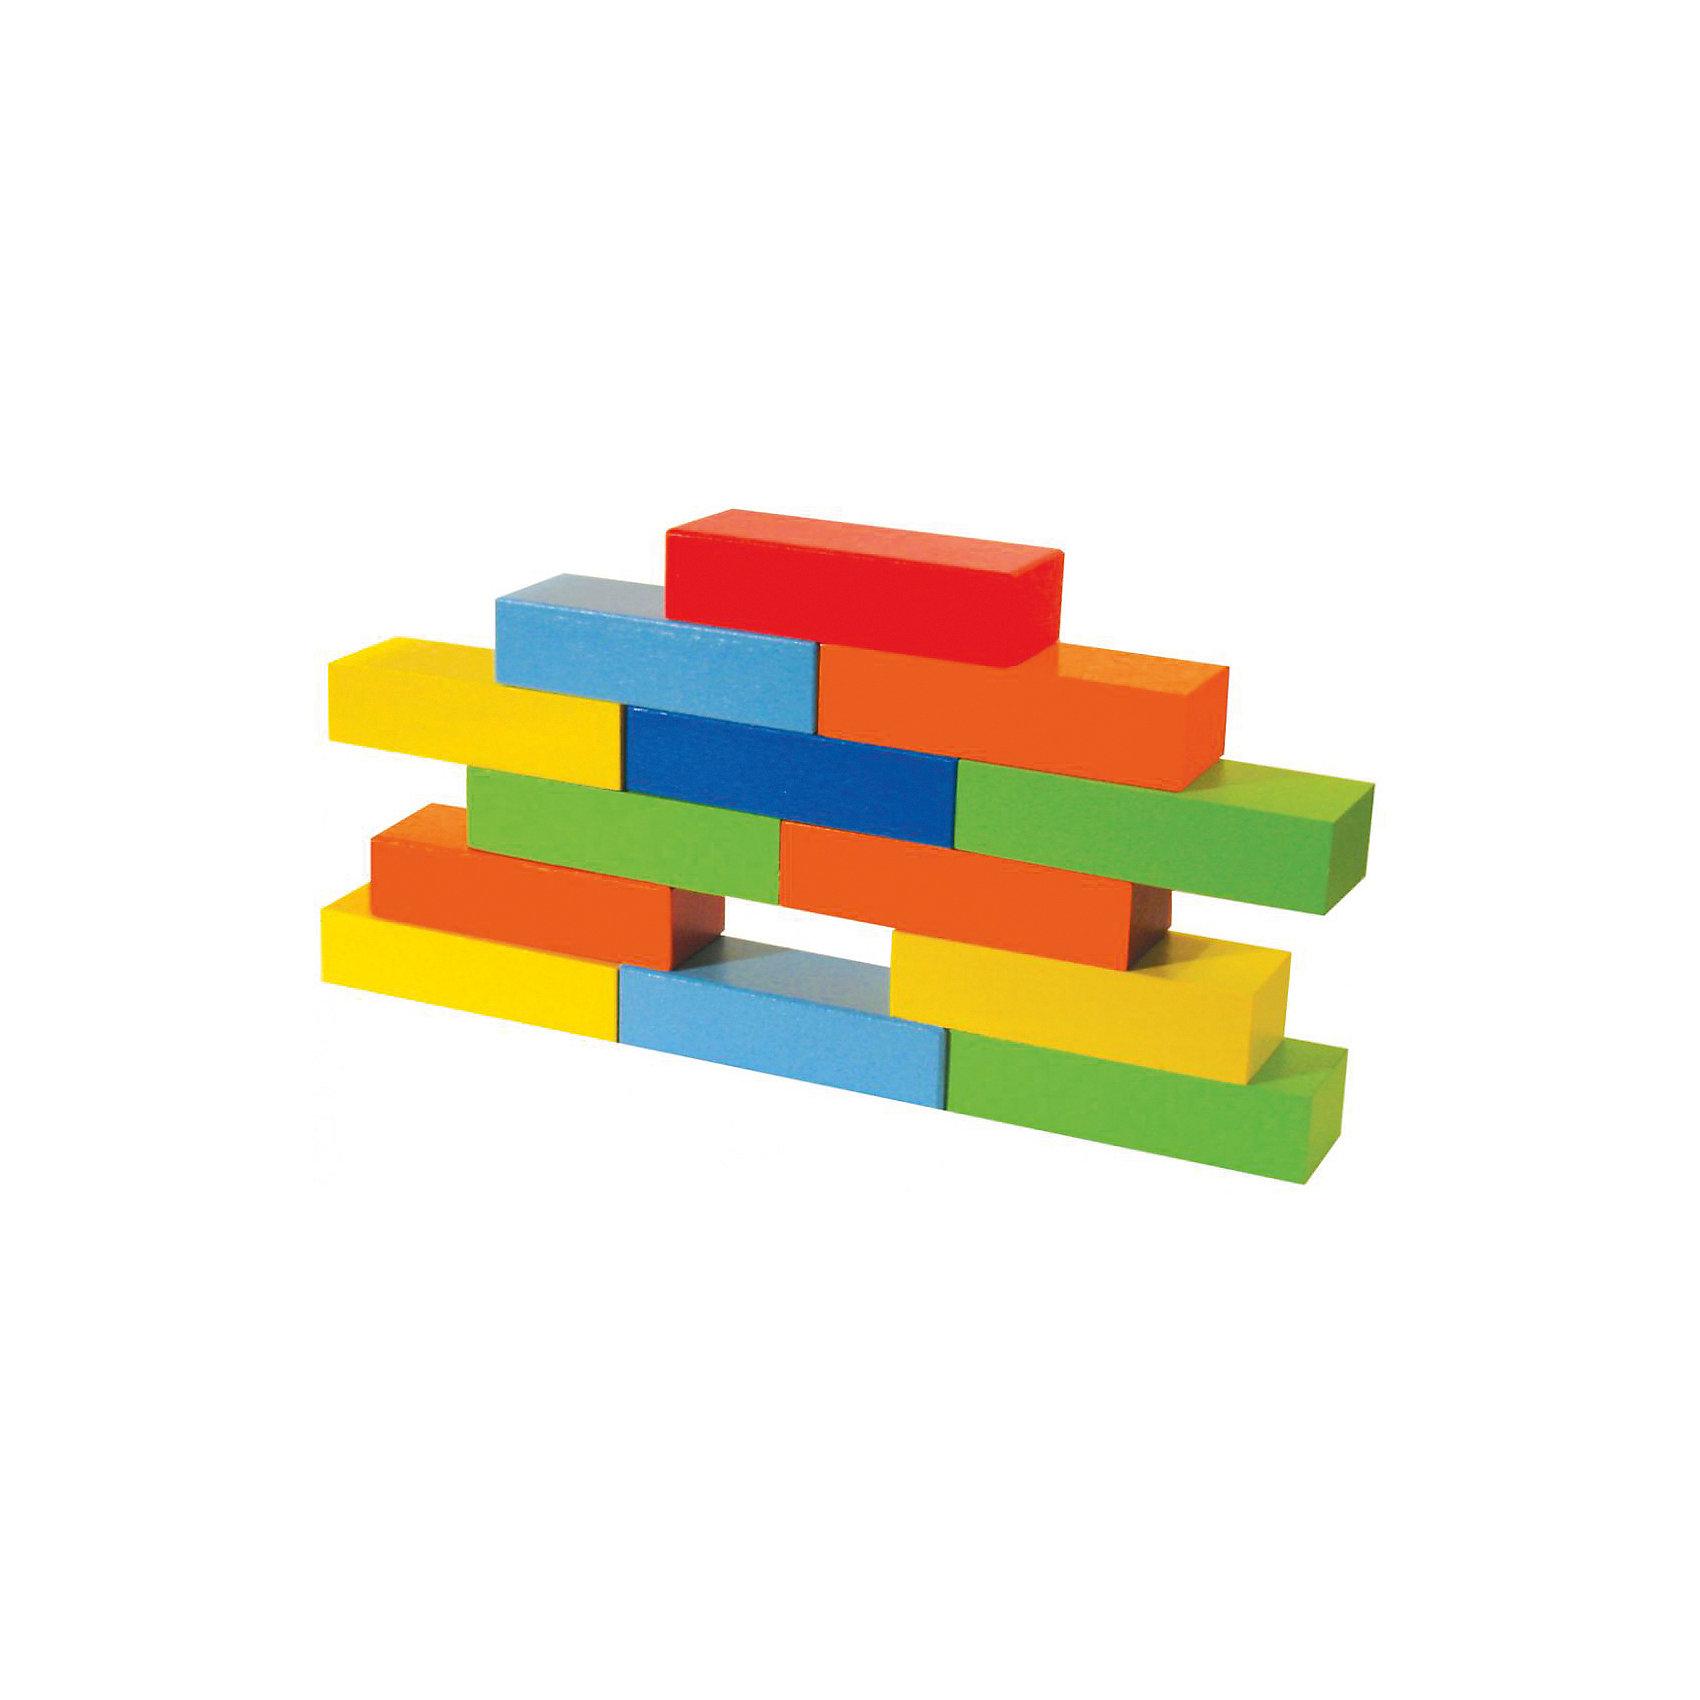 Деревянный набор Кирпичики  24 шт., AlatoysДети обожают играть с кубиками. С этим замечательным набором ваш малыш не будет скучать! Яркие кирпичики имеют удобную форму и приятны на ощупь. С помощью этого деревянного конструктора ребенок сможет собрать великое множество конструкций: это и ракета, и мостик через воображаемую реку, и робот, и башня, машинка, забор, домик, замок, поезд, самолет, колодец и многое другое. Кирпичики изготовлены из натурального дерева, покрашены безопасными гипоаллергенными красителями. Конструирование из ярких кубиков помогает ребенку развить моторику рук, логическое мышление, концентрацию, цветовосприятие. <br><br>Дополнительная информация:<br><br>- Материал: дерево.<br>- Размер: 26,5х18,5х4 см.<br>- 24 кирпичика в наборе. <br><br>Деревянный набор Кирпичики  24 шт., Alatoys (Алатойс), можно купить в нашем магазине.<br><br>Ширина мм: 130<br>Глубина мм: 175<br>Высота мм: 45<br>Вес г: 578<br>Возраст от месяцев: 12<br>Возраст до месяцев: 48<br>Пол: Унисекс<br>Возраст: Детский<br>SKU: 4415359